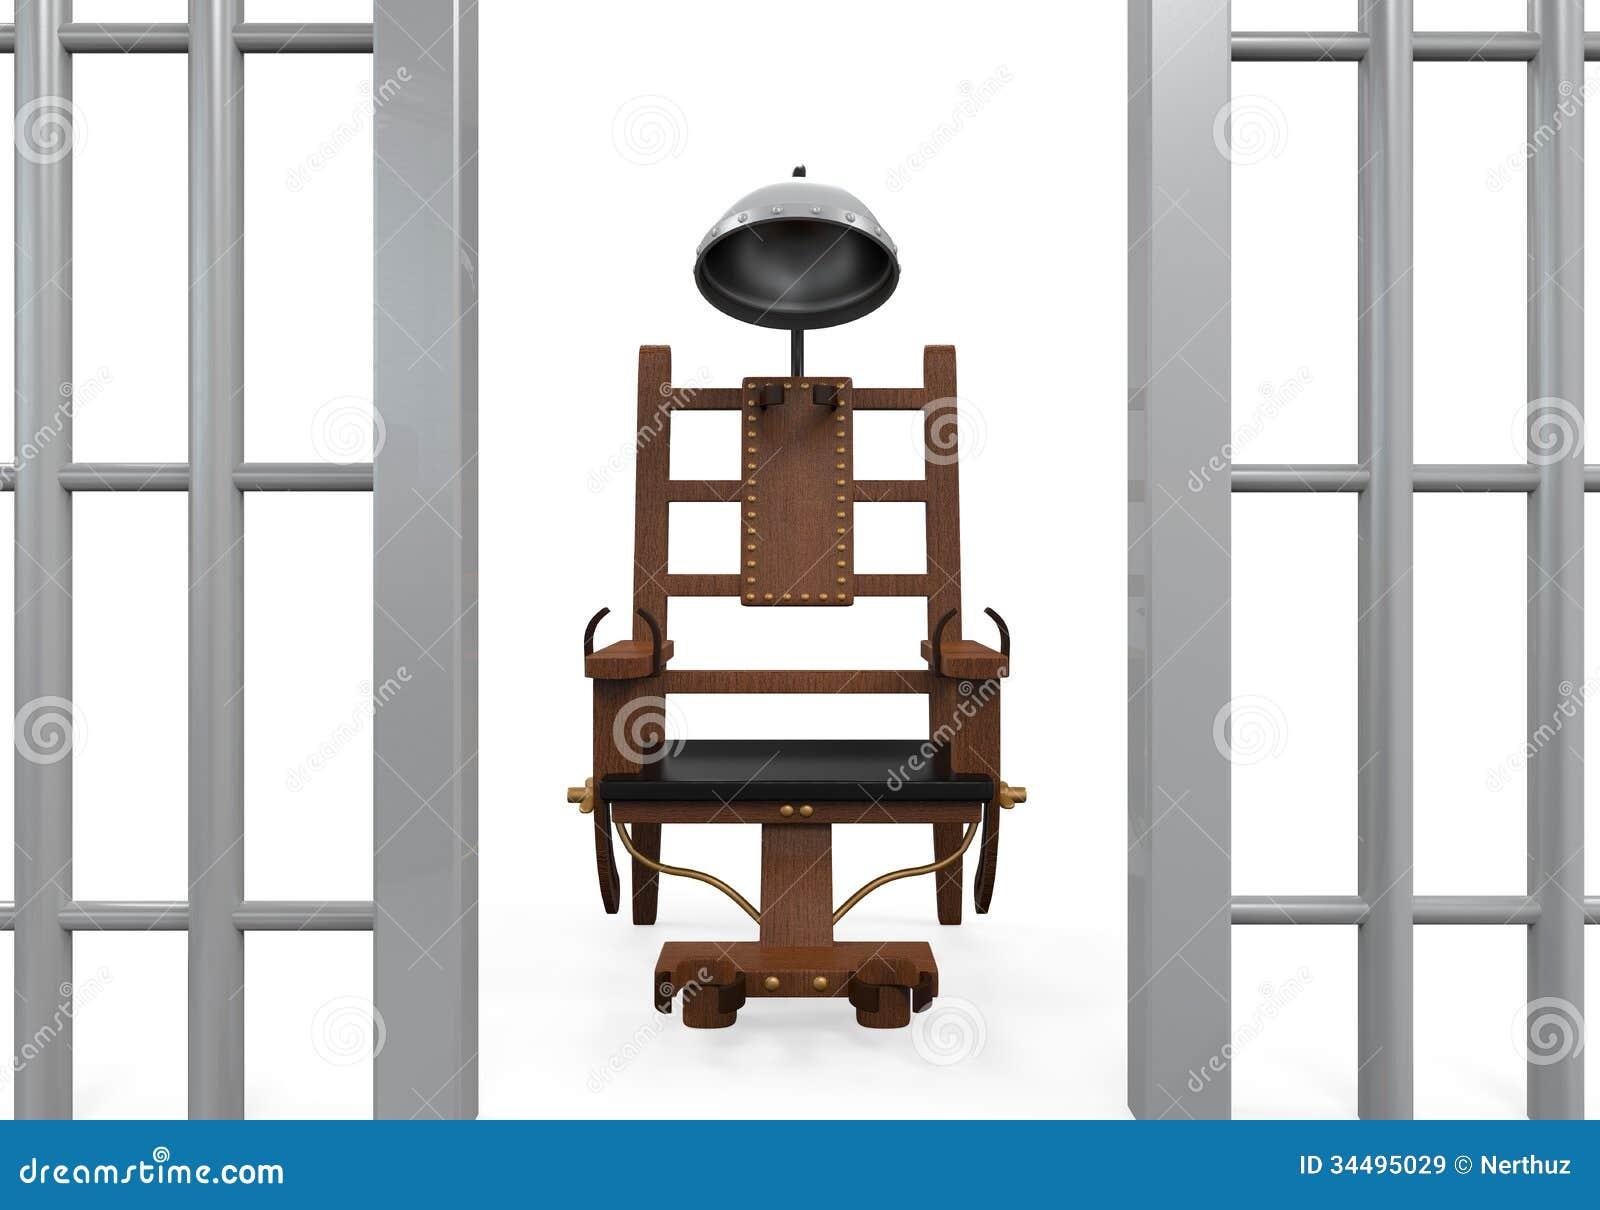 Sedia elettrica isolata immagini stock libere da diritti for Sedia elettrica edison